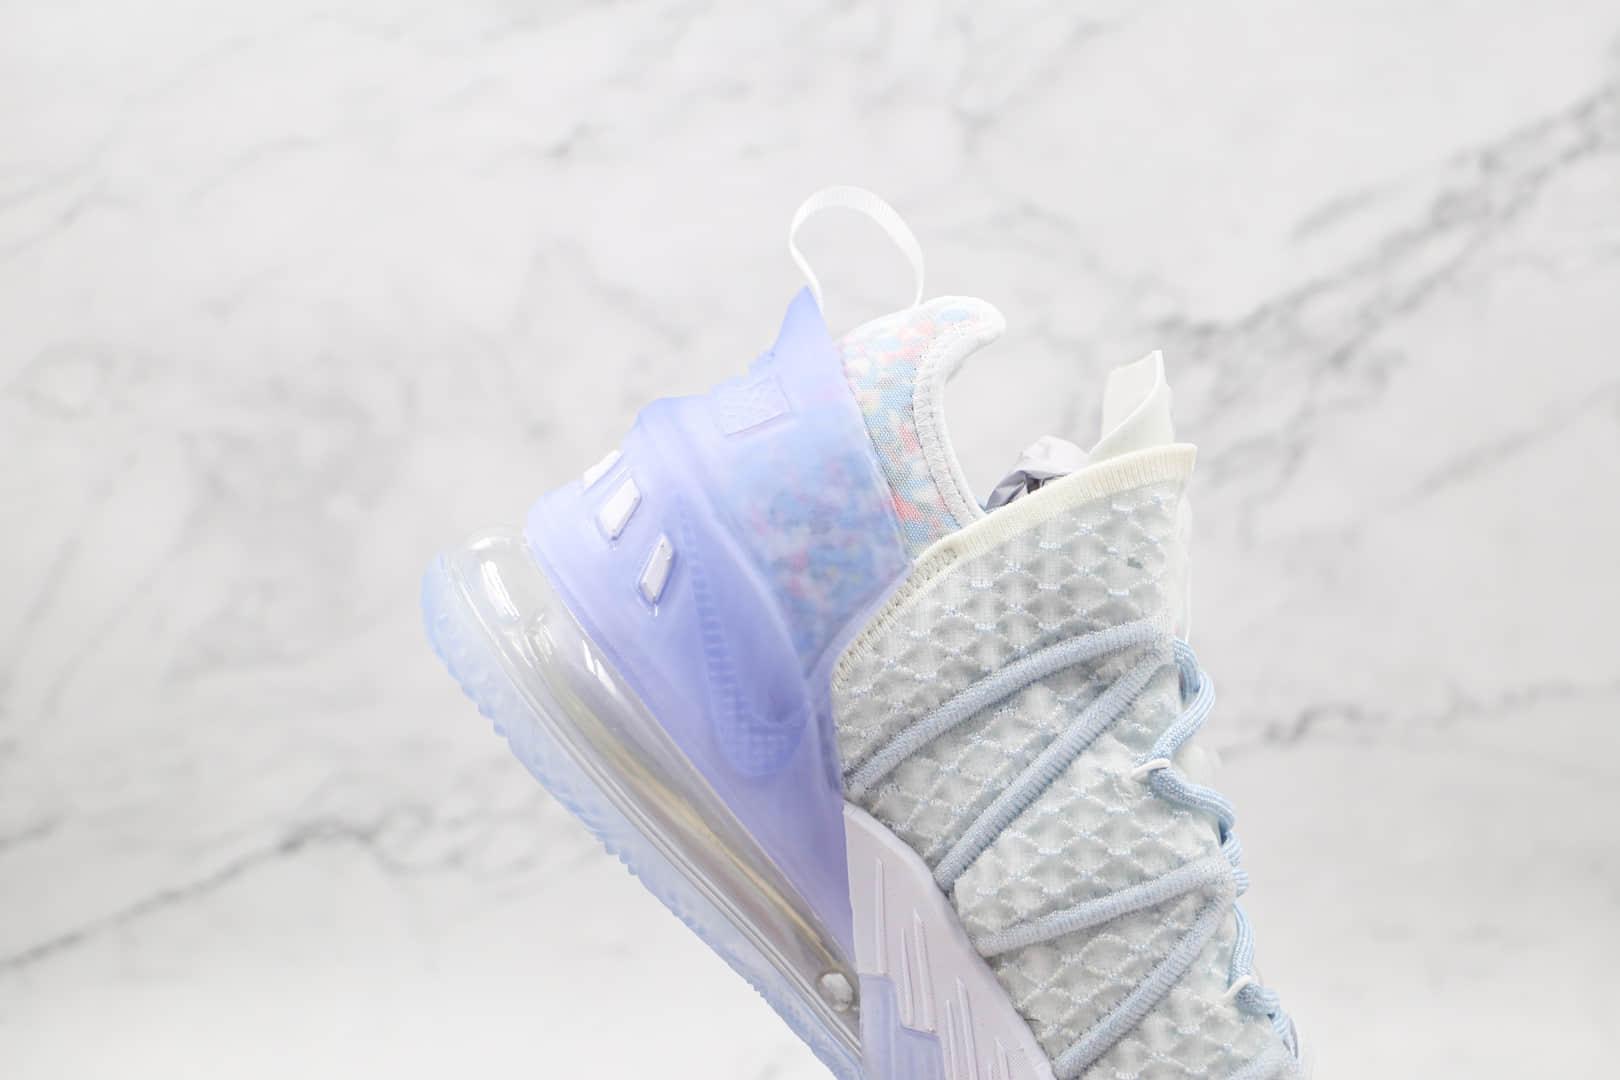 耐克Nike LeBron XVIII EP纯原版本詹姆斯18代白冰蓝色实战篮球鞋内置气垫 货号:CW3156-400